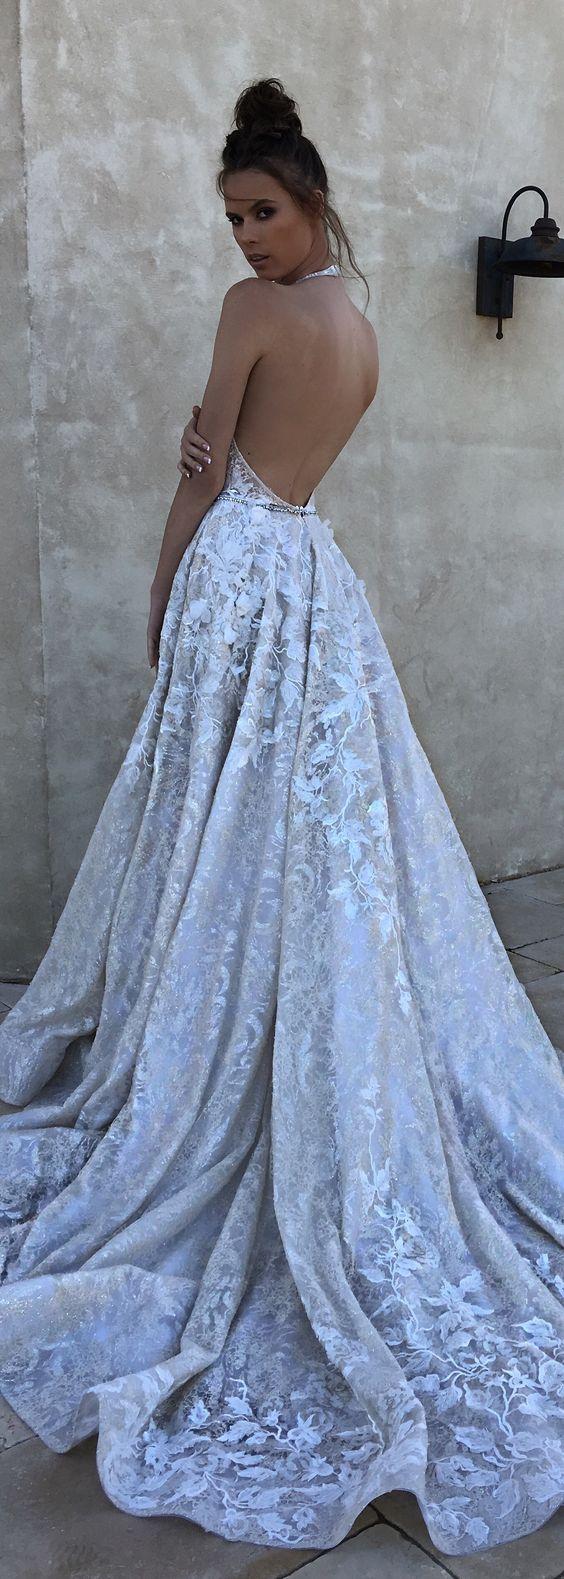 Berta Bridal Wedding Dresses 2018 | Vestidos de novia, Novios y De novia